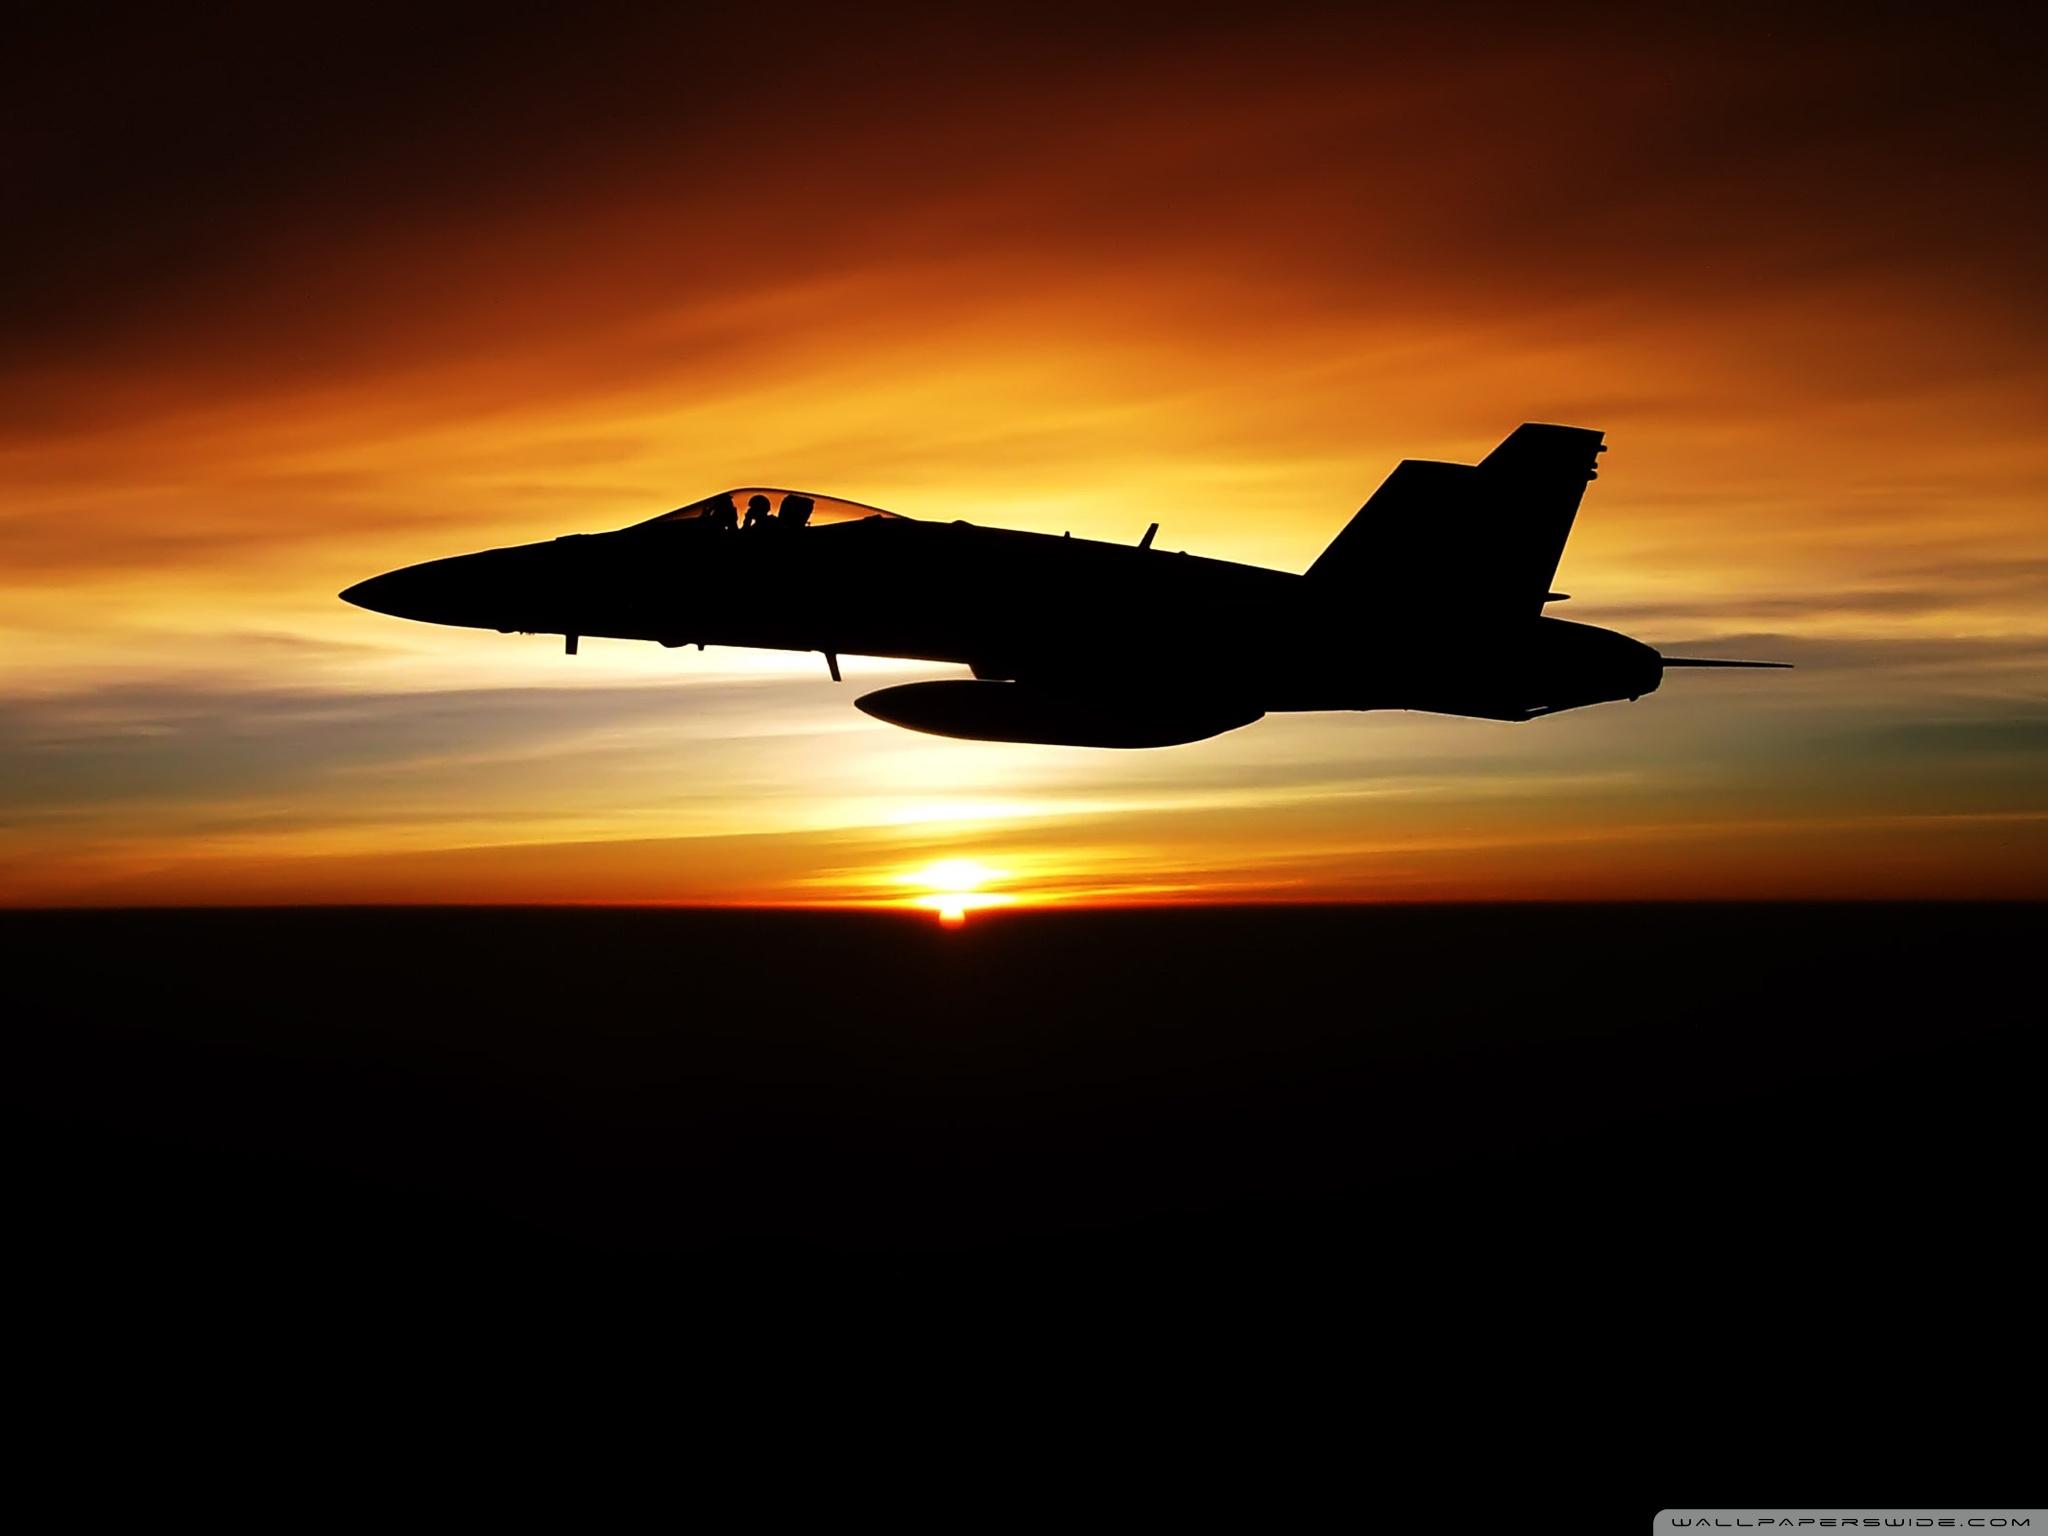 FA 18C Hornet Aircraft Ultra HD Desktop Background Wallpaper for 2048x1536